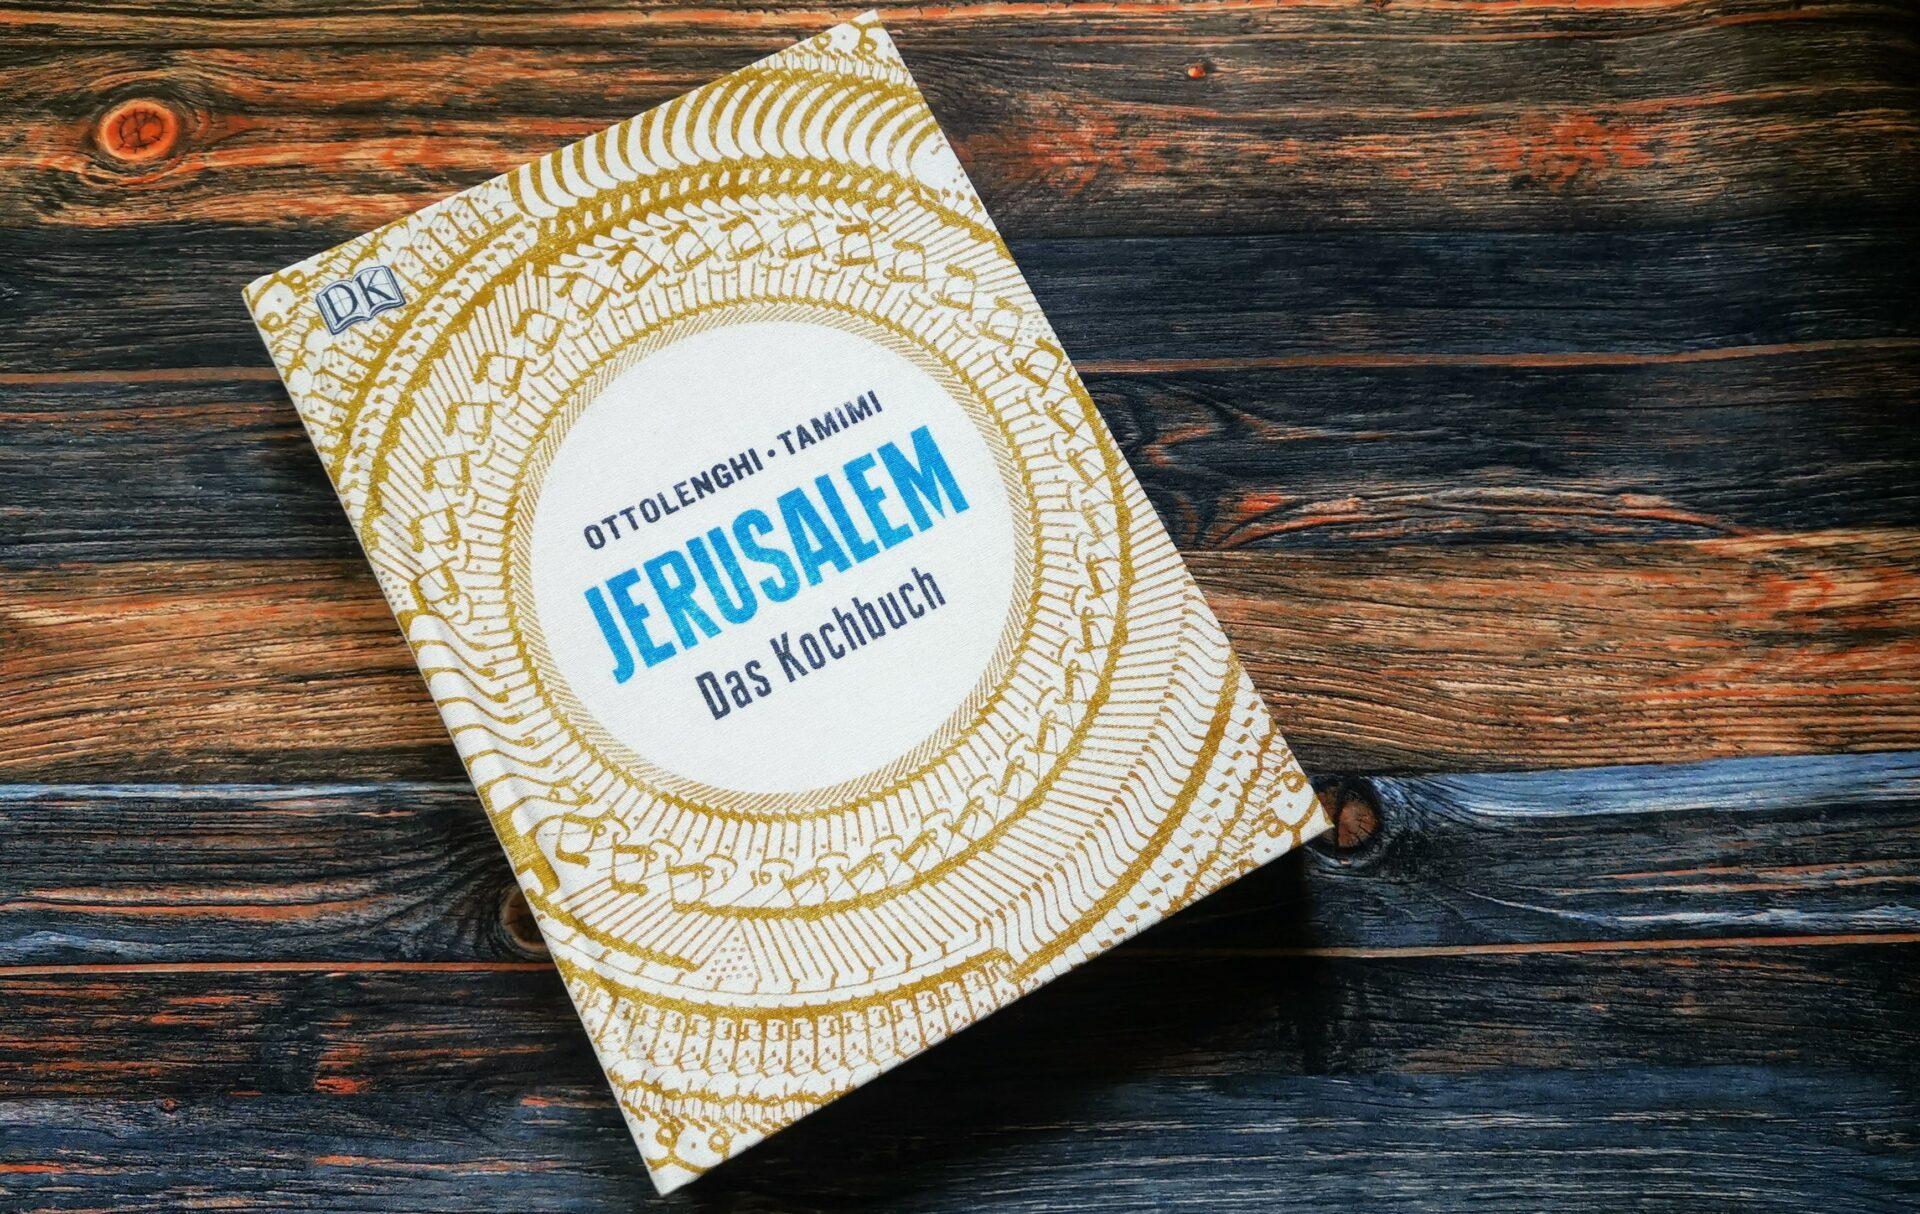 Buchrezension – Jerusalem: Das Kochbuch von Yotam Ottolenghi und Sami Tamimi